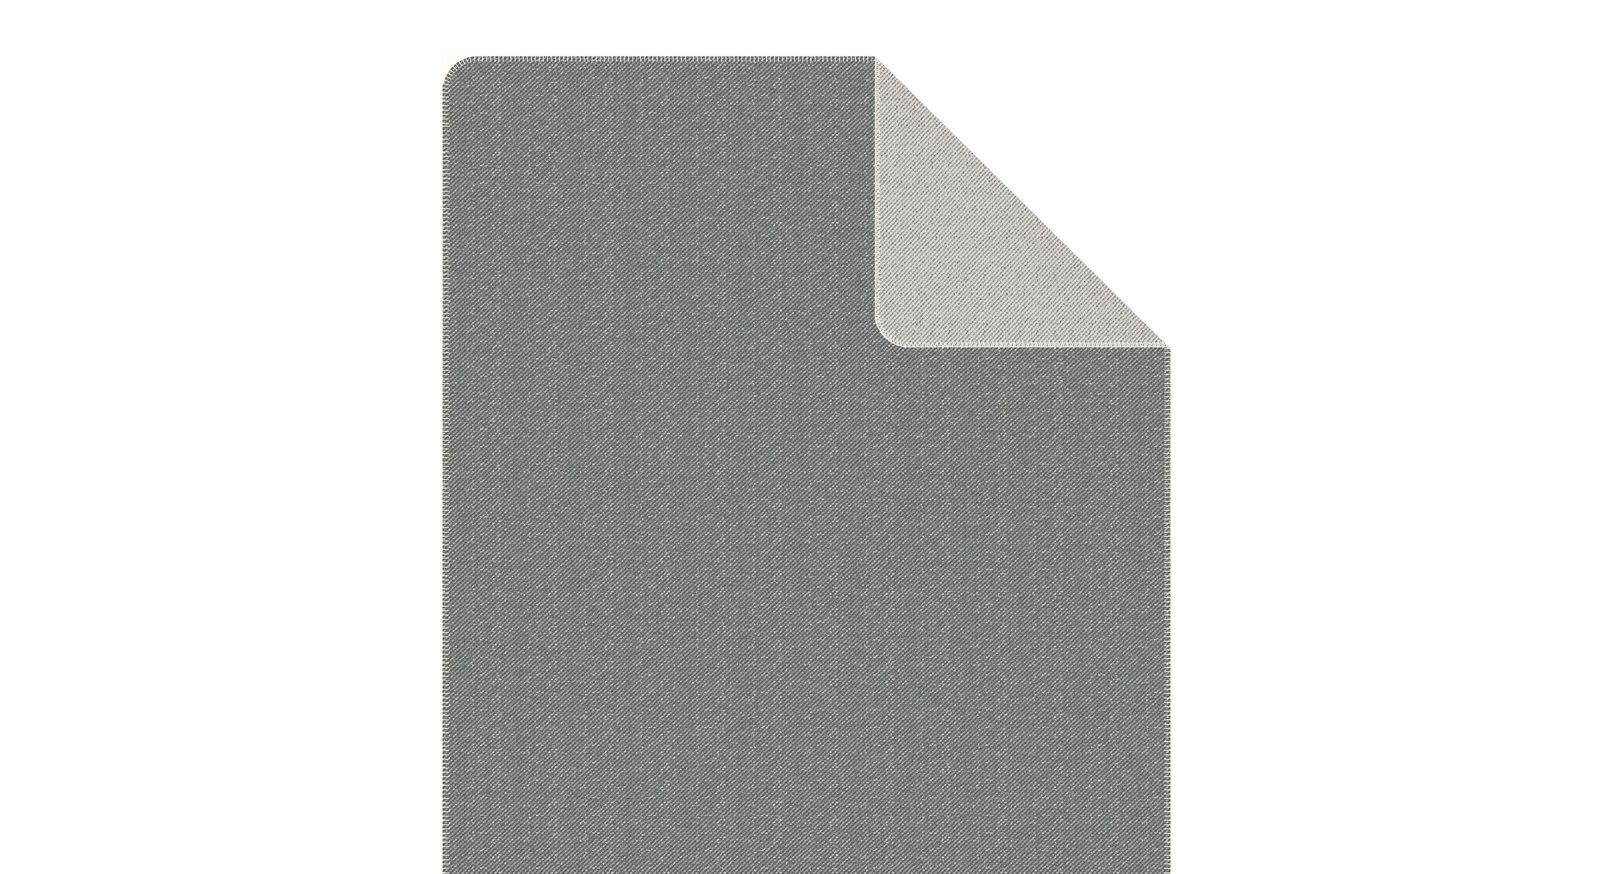 Schlichte Kuscheldecke s.Oliver Stitch in Grau